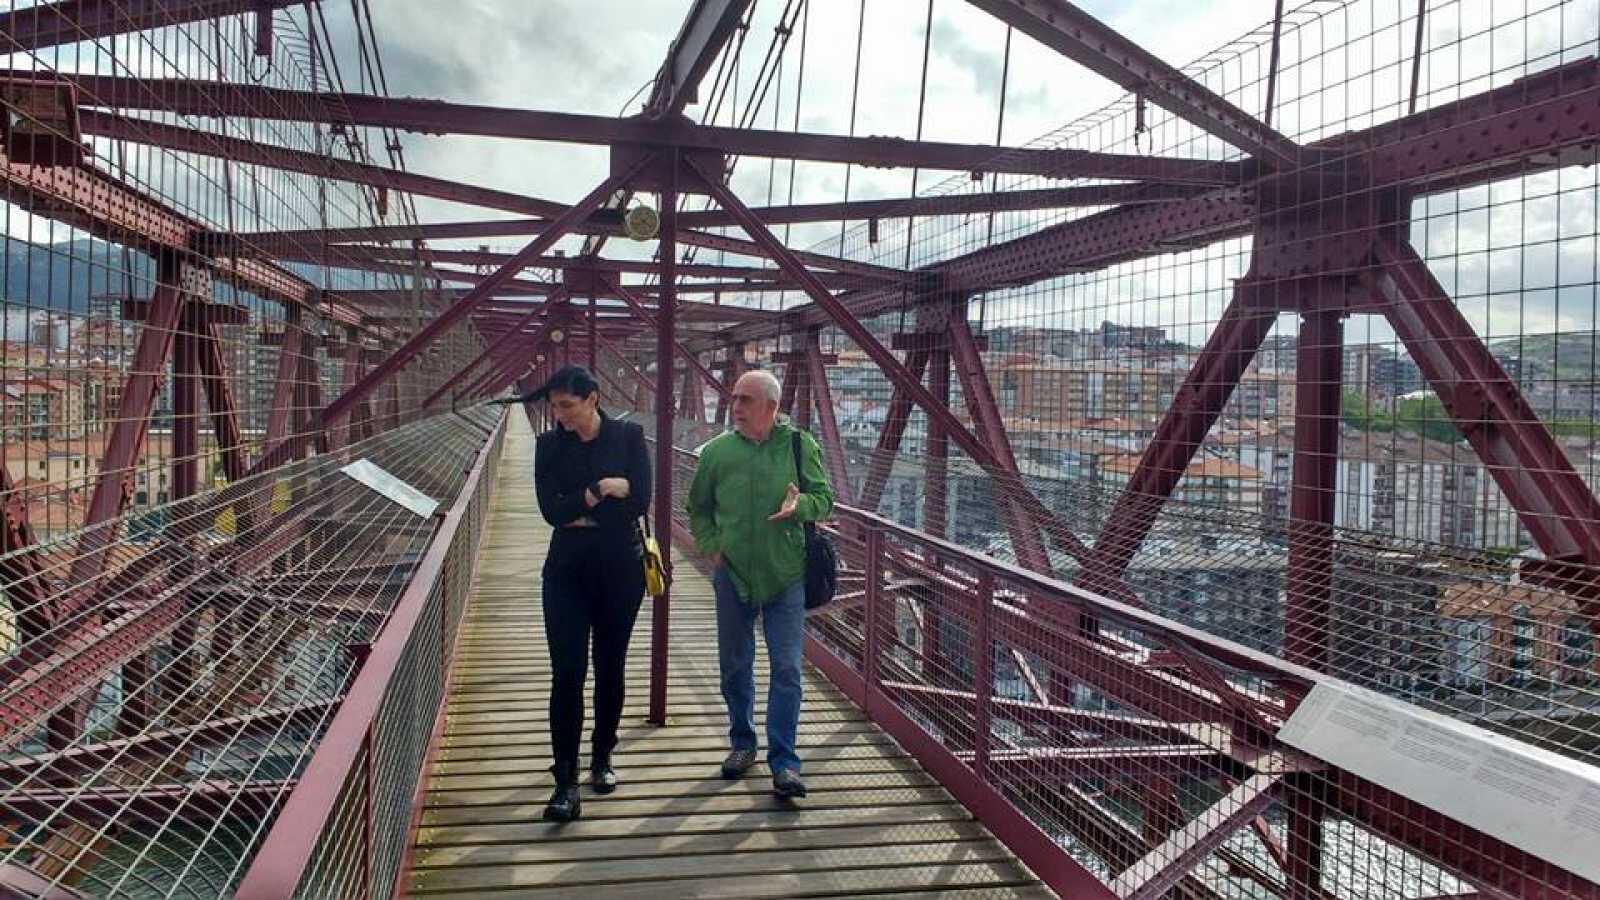 La mitad invisible - Puente Vizcaya - De Palacio - ver ahora